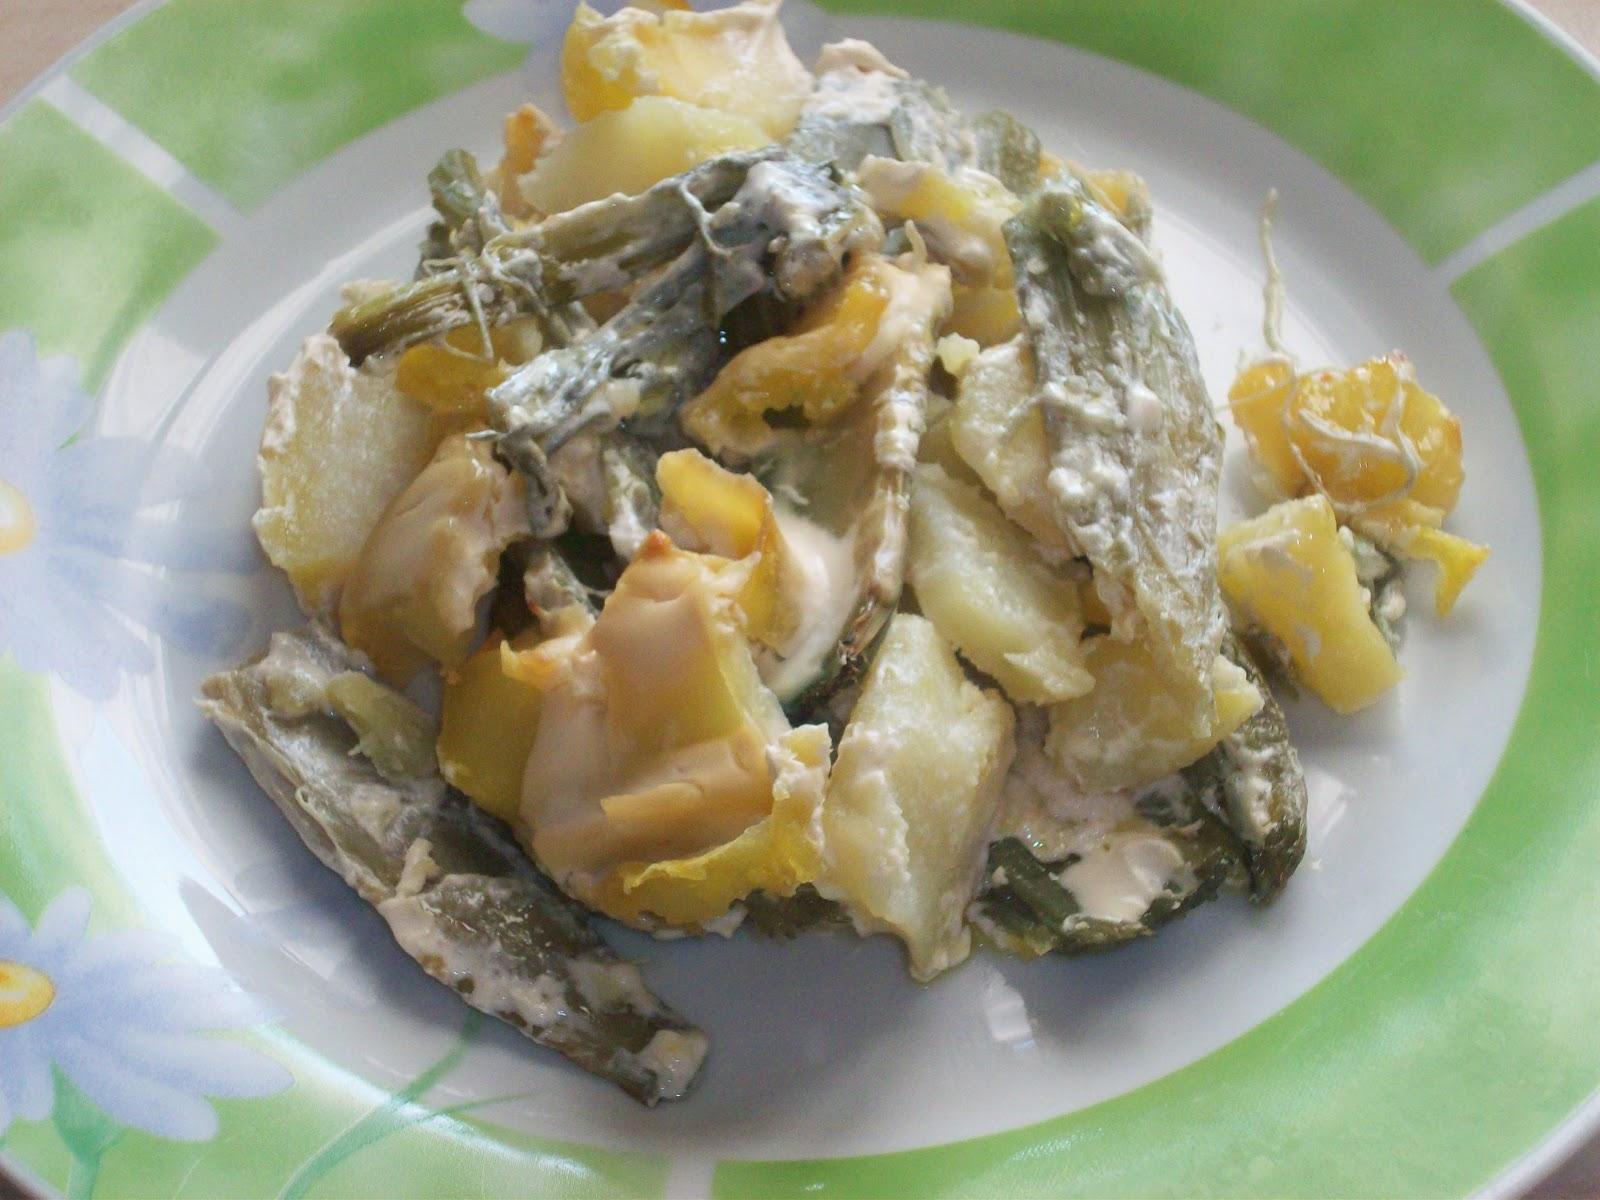 Cardi e patate con panna da valeria in cucina su - Ricette con la panna da cucina ...